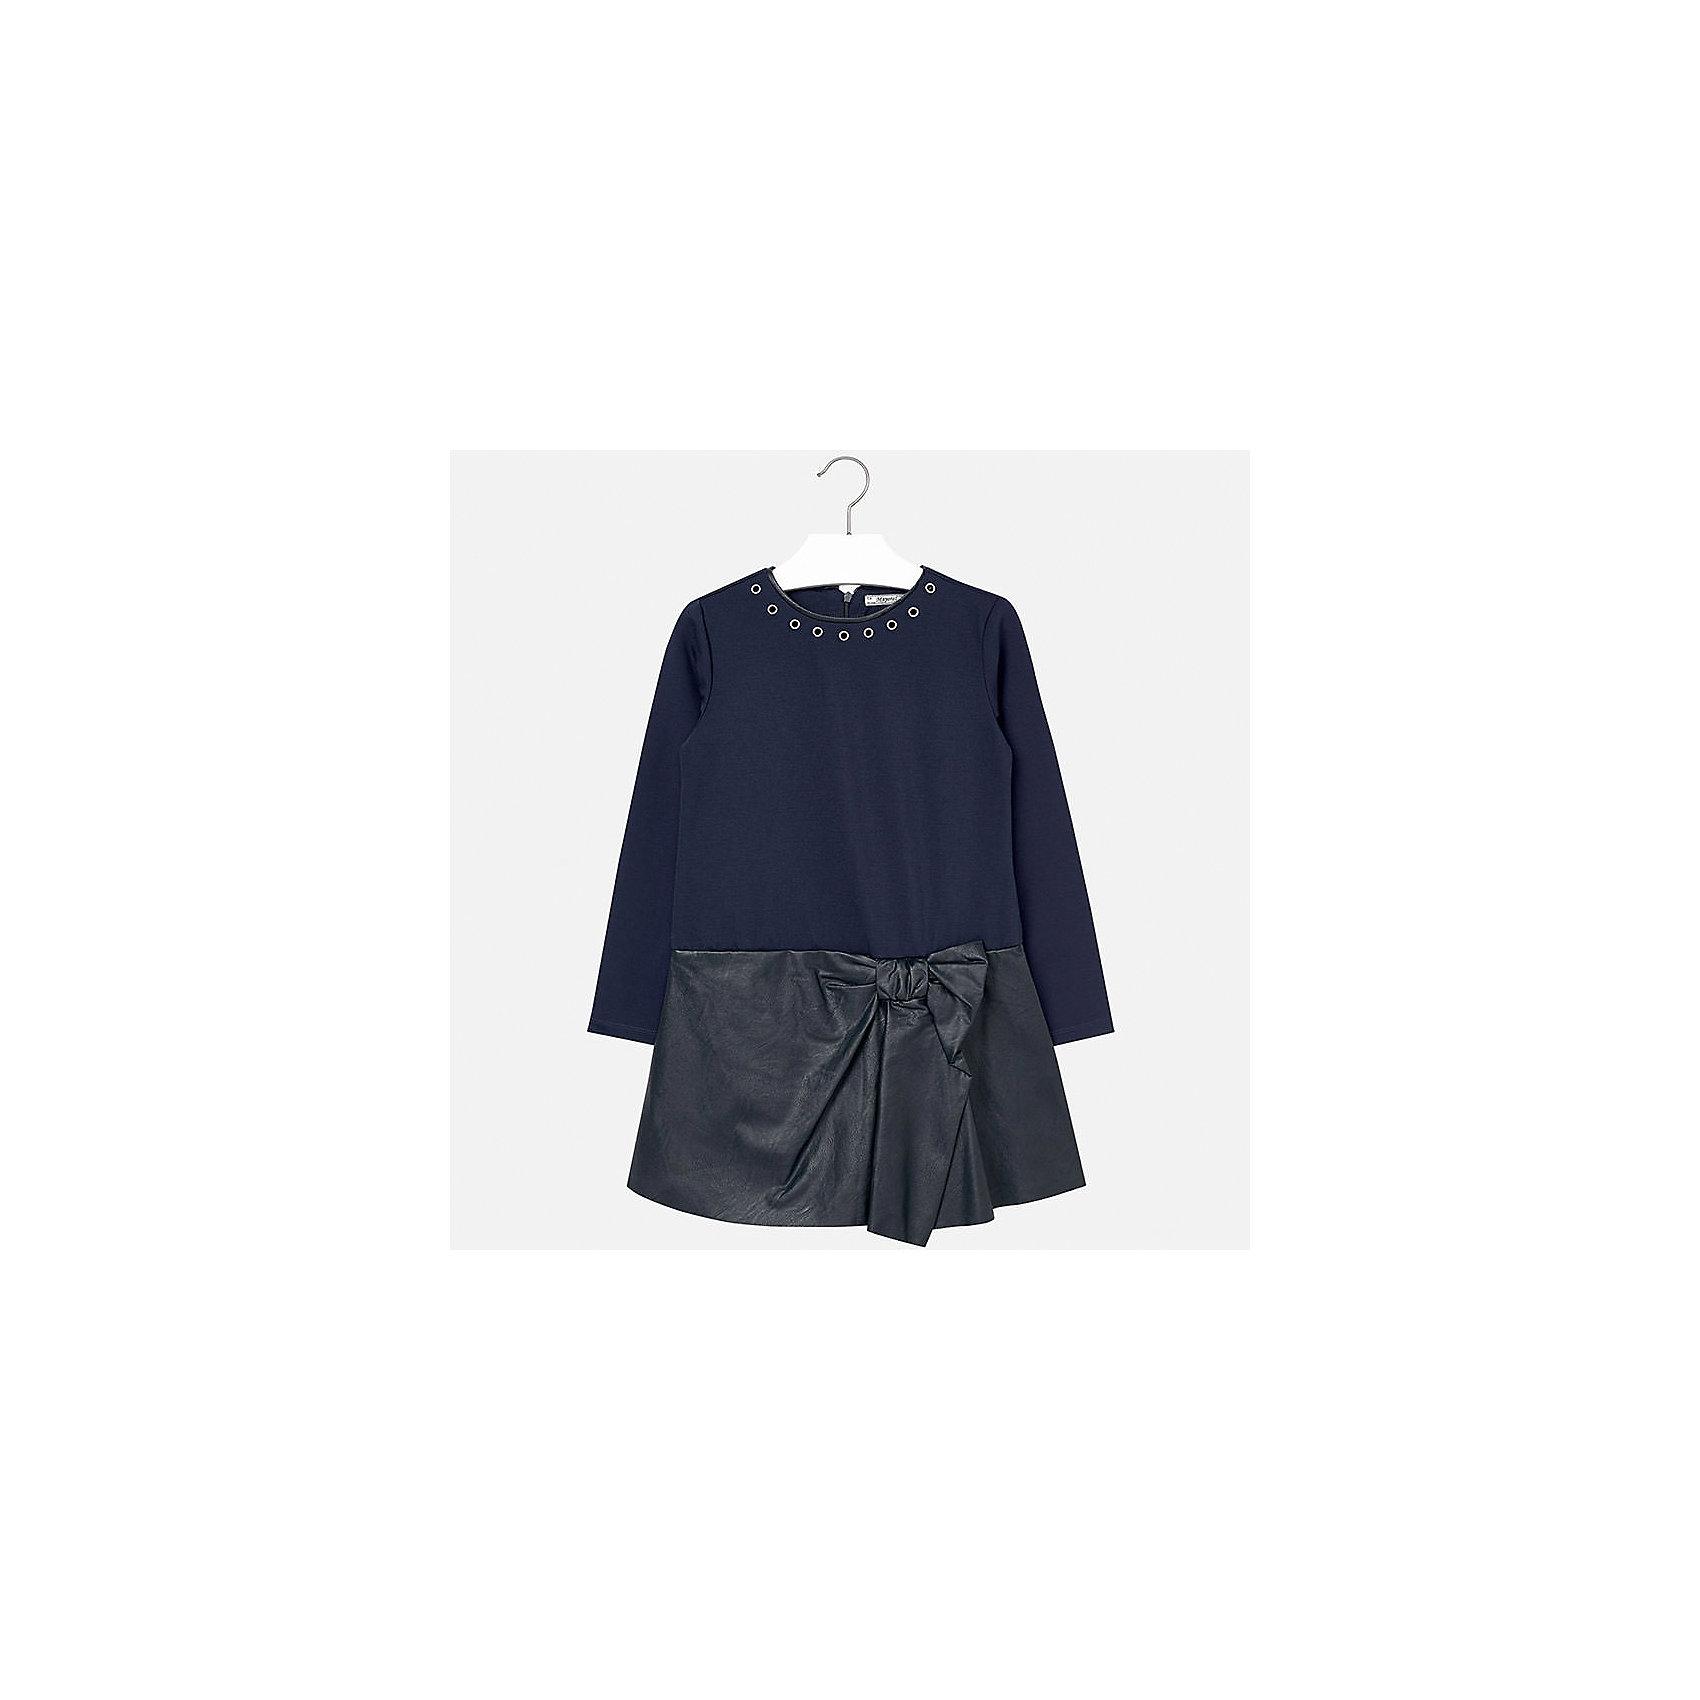 Платье для девочки MayoralПлатья и сарафаны<br>Платье для девочки Mayoral (Майорал) от известного испанского бренда Mayoral. Платье выполнено из сочетания трикотажа плотной двойной вязки и кожзаменителя высокого качества. У платья длинный рукав, сзади имеется потайная молния, юбка имеет оригинальное оформление с имитацией завязанного банта.  Круглая горловина обработана узким кантом из кожзаменителя, вдоль гогловины имеются  круглые металлические колечки. Верх изделия выполнен в темно-синем цвете, низ – черный. Платье из кожзаменителя идеально подойдет в качестве праздничного варианта одежды.<br><br>Дополнительная информация:<br><br>- Предназначение: праздничная одежда<br>- Цвет: темно-синий, черный<br>- Пол: для девочки<br>- Состав: 92% полиэстер, 8% эластан; подклад 100% хлопок<br>- Сезон: осень-зима<br>- Особенности ухода: стирка при температуре 30 градусов, химчистка, глажение<br><br>Подробнее:<br><br>• Для детей в возрасте: от 8 лет и до 16 лет<br>• Страна производитель: Китай<br>• Торговый бренд: Mayoral<br><br>Платье для девочки Mayoral (Майорал) можно купить в нашем интернет-магазине.<br><br>Ширина мм: 236<br>Глубина мм: 16<br>Высота мм: 184<br>Вес г: 177<br>Цвет: синий<br>Возраст от месяцев: 132<br>Возраст до месяцев: 144<br>Пол: Женский<br>Возраст: Детский<br>Размер: 134/140,128/134,158/164,146/152,164/170,152/158<br>SKU: 4847542